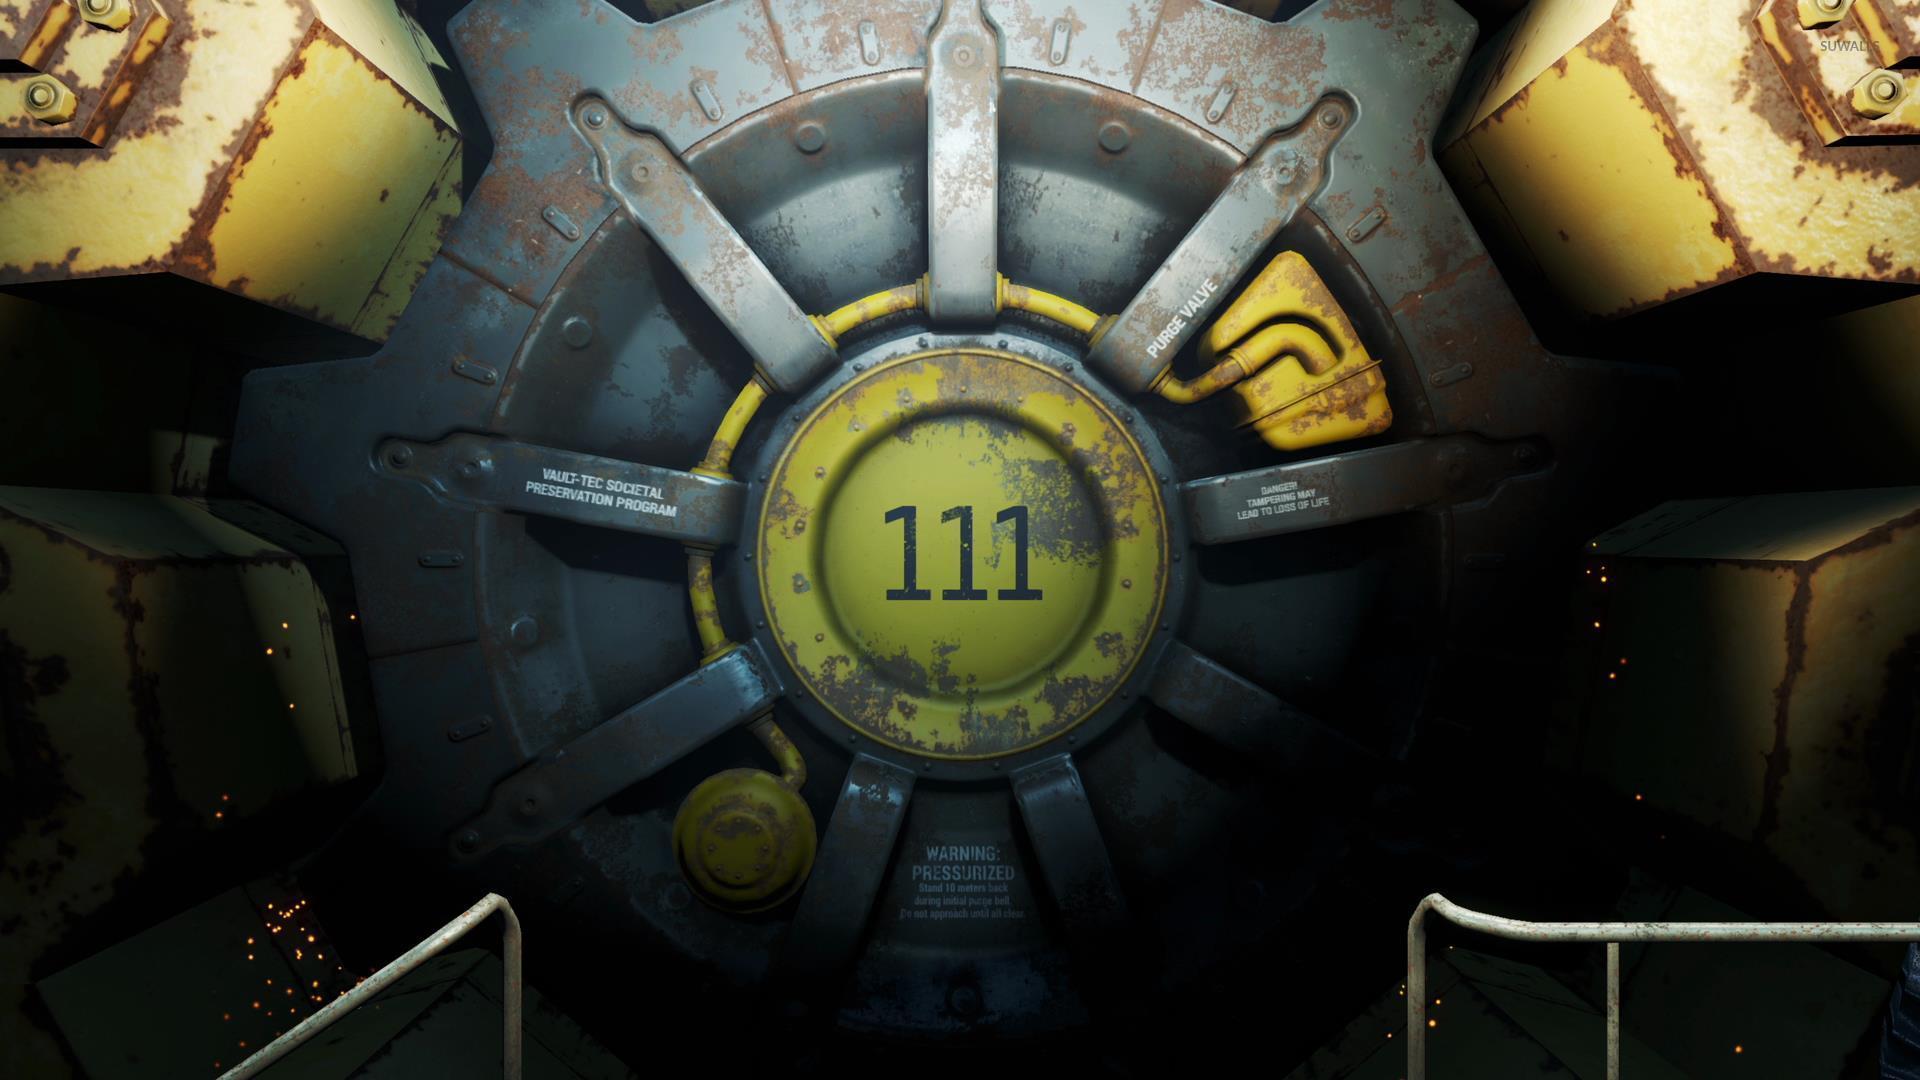 Fallout 4 wallpaper 1920x1080 1920x1080